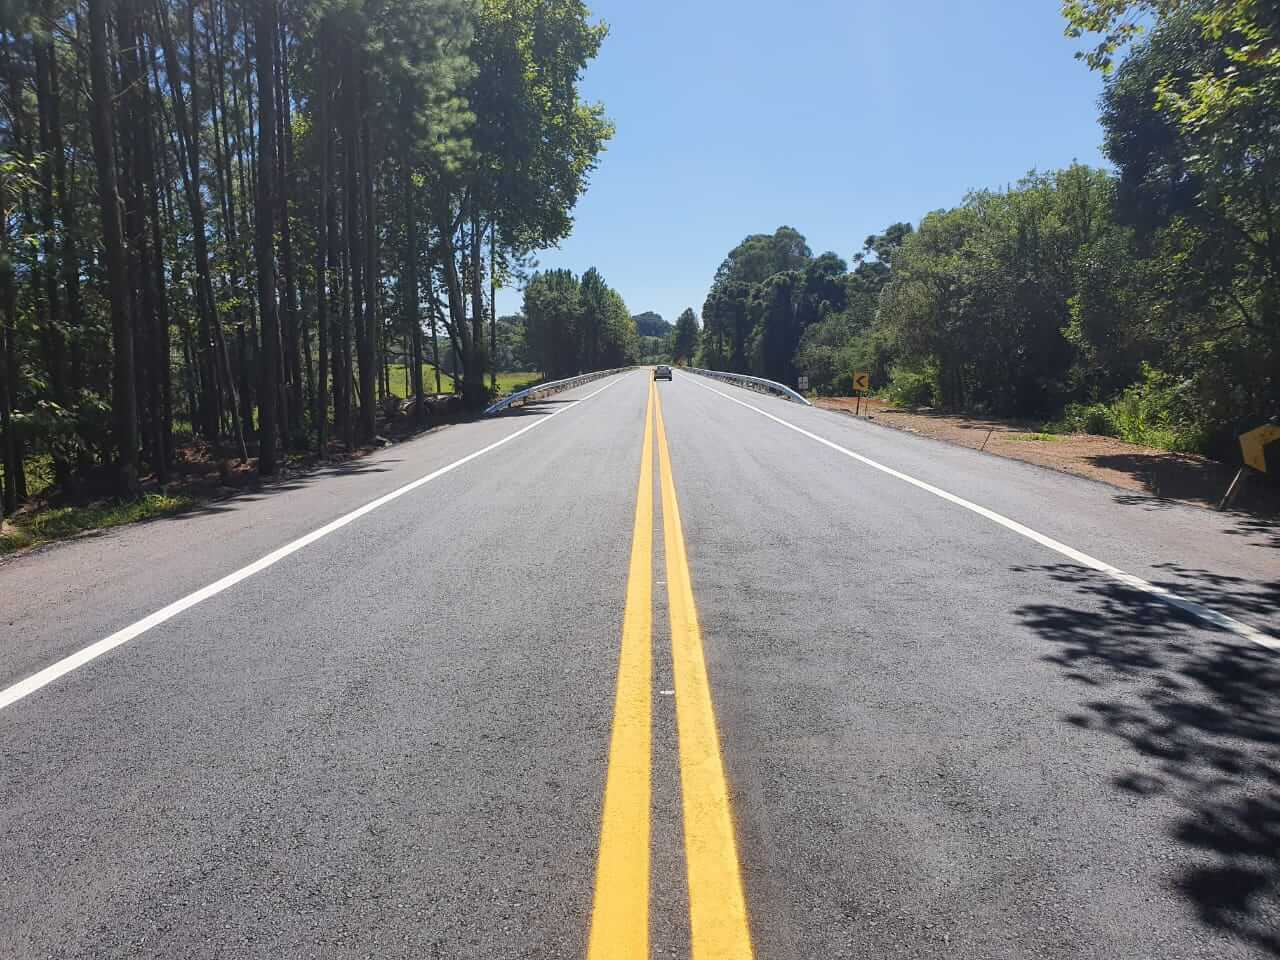 Com a VF Gomes, é mais pavimentação! Executamos todos os serviços de pavimentação com a qualidade e garantia.